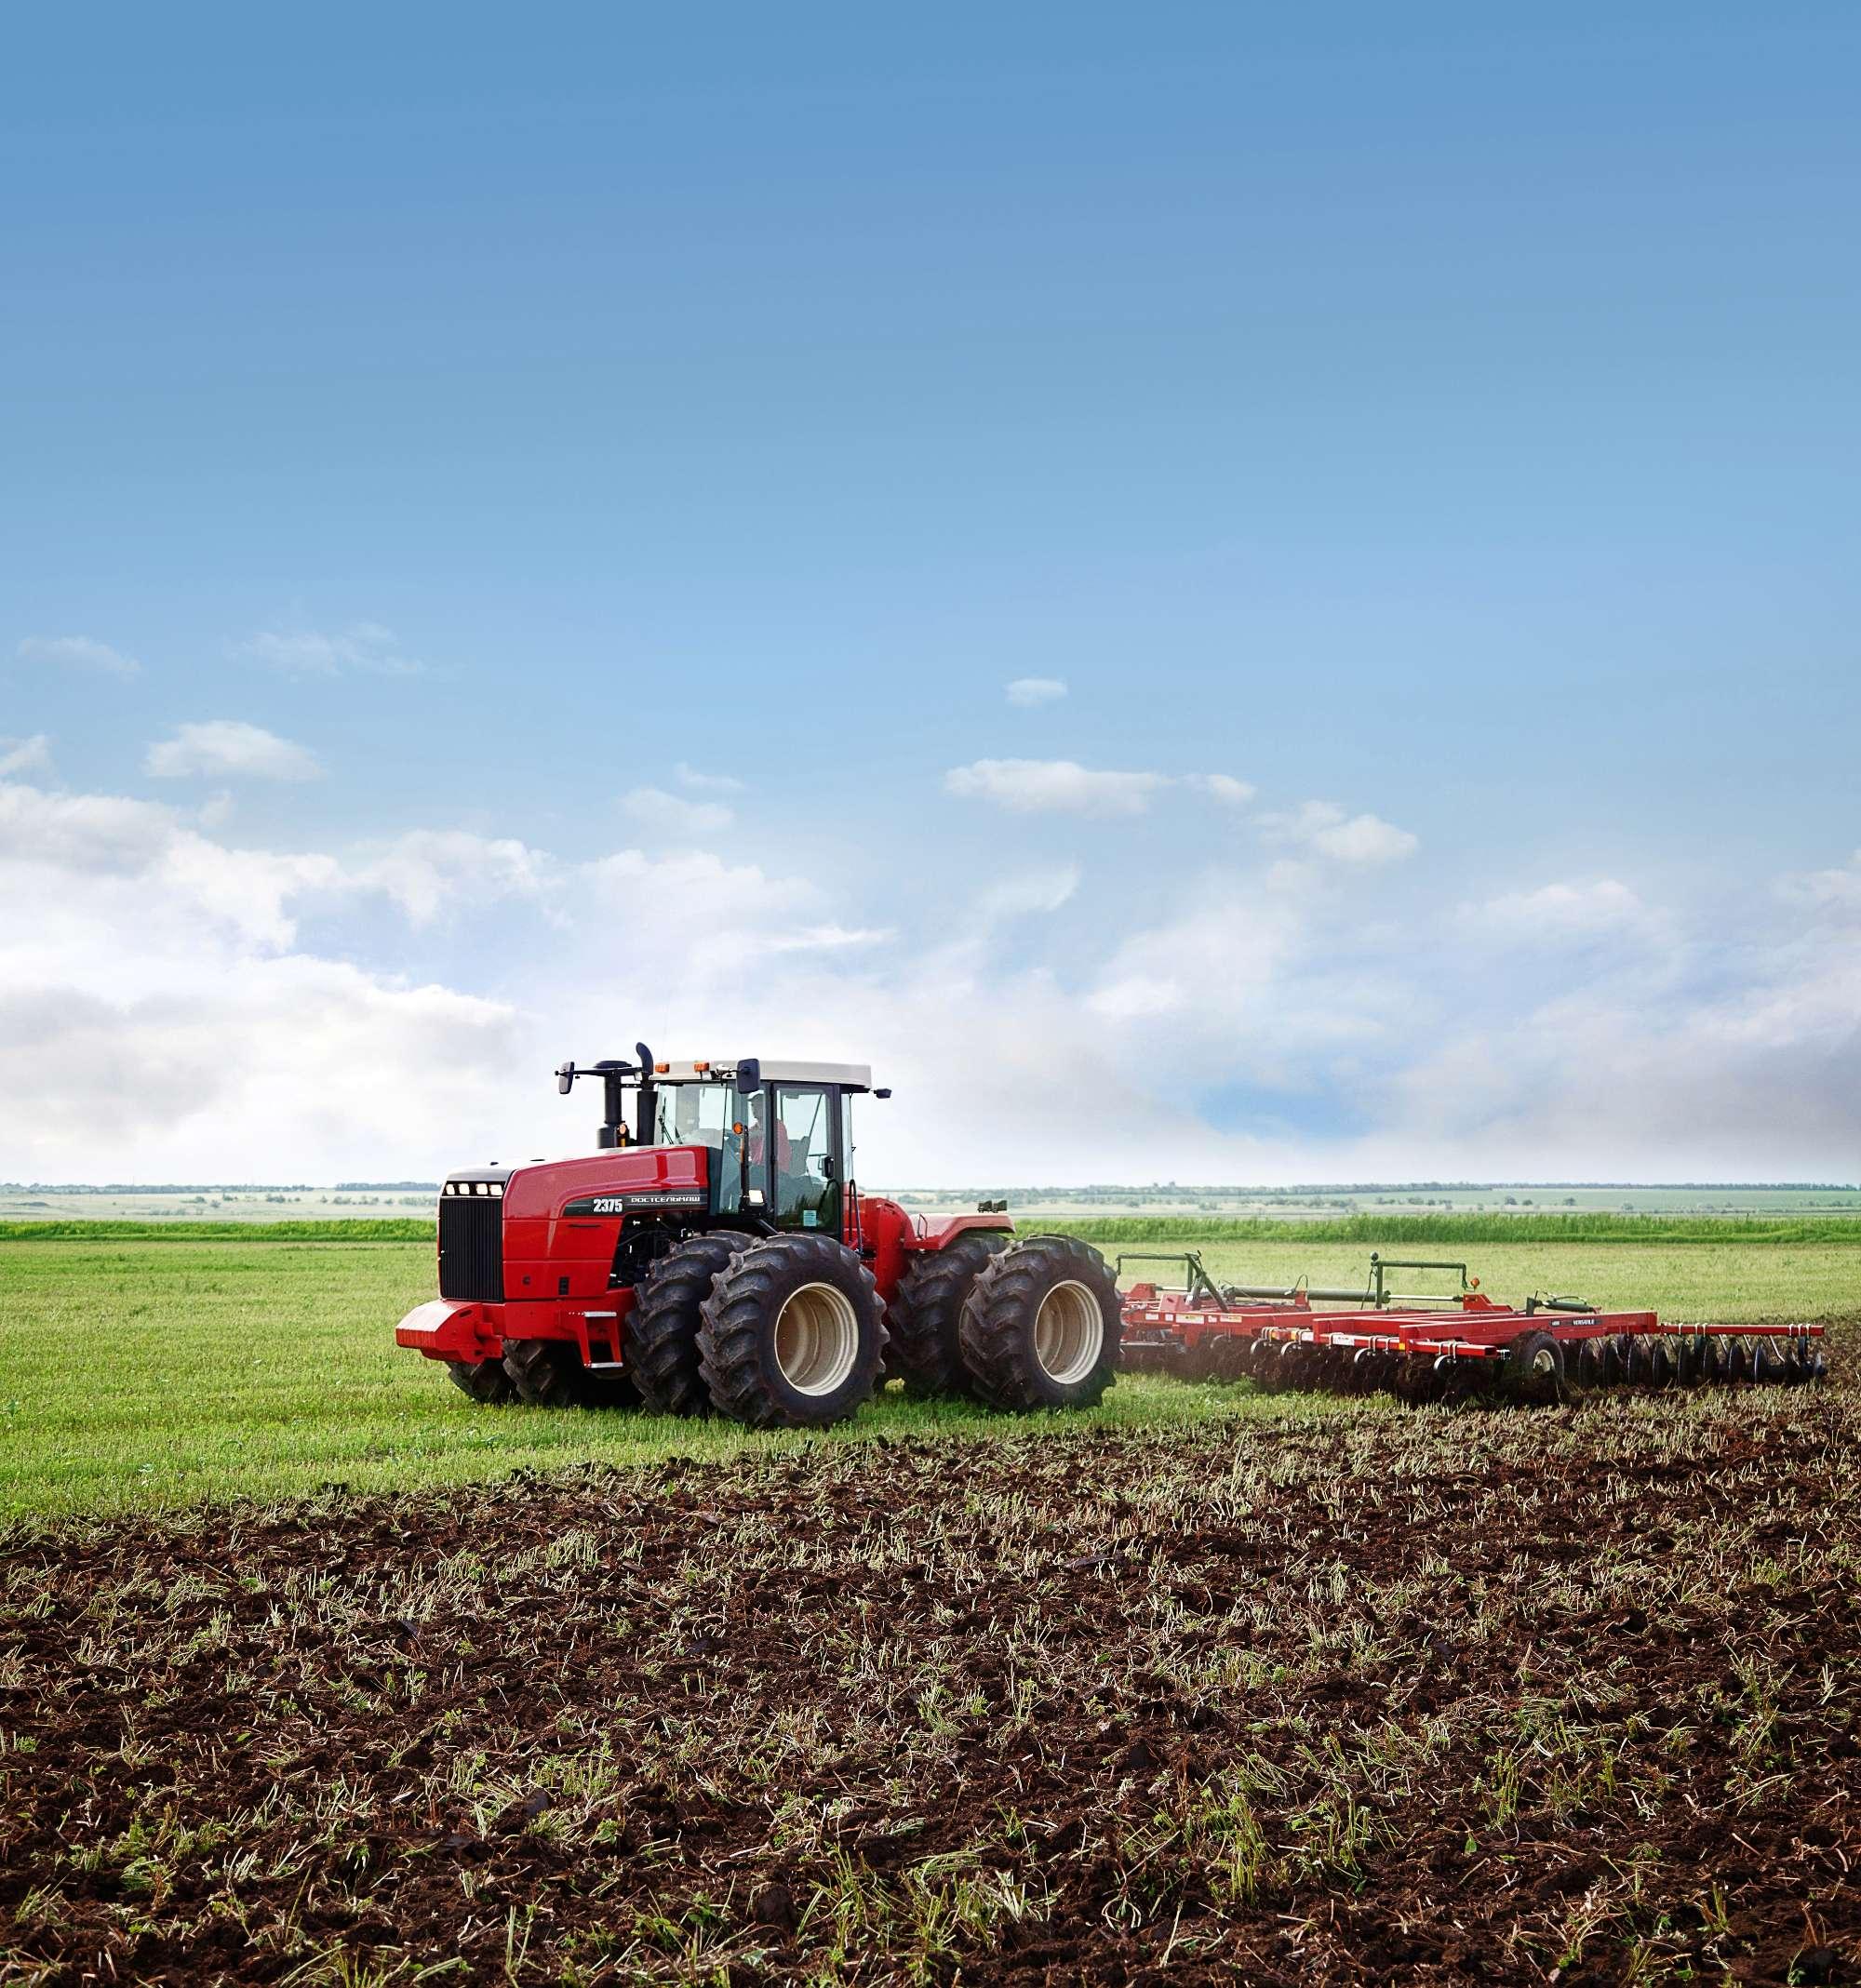 Аграрии Забайкалья активно приобретают сельхозтехнику Ростсельмаш